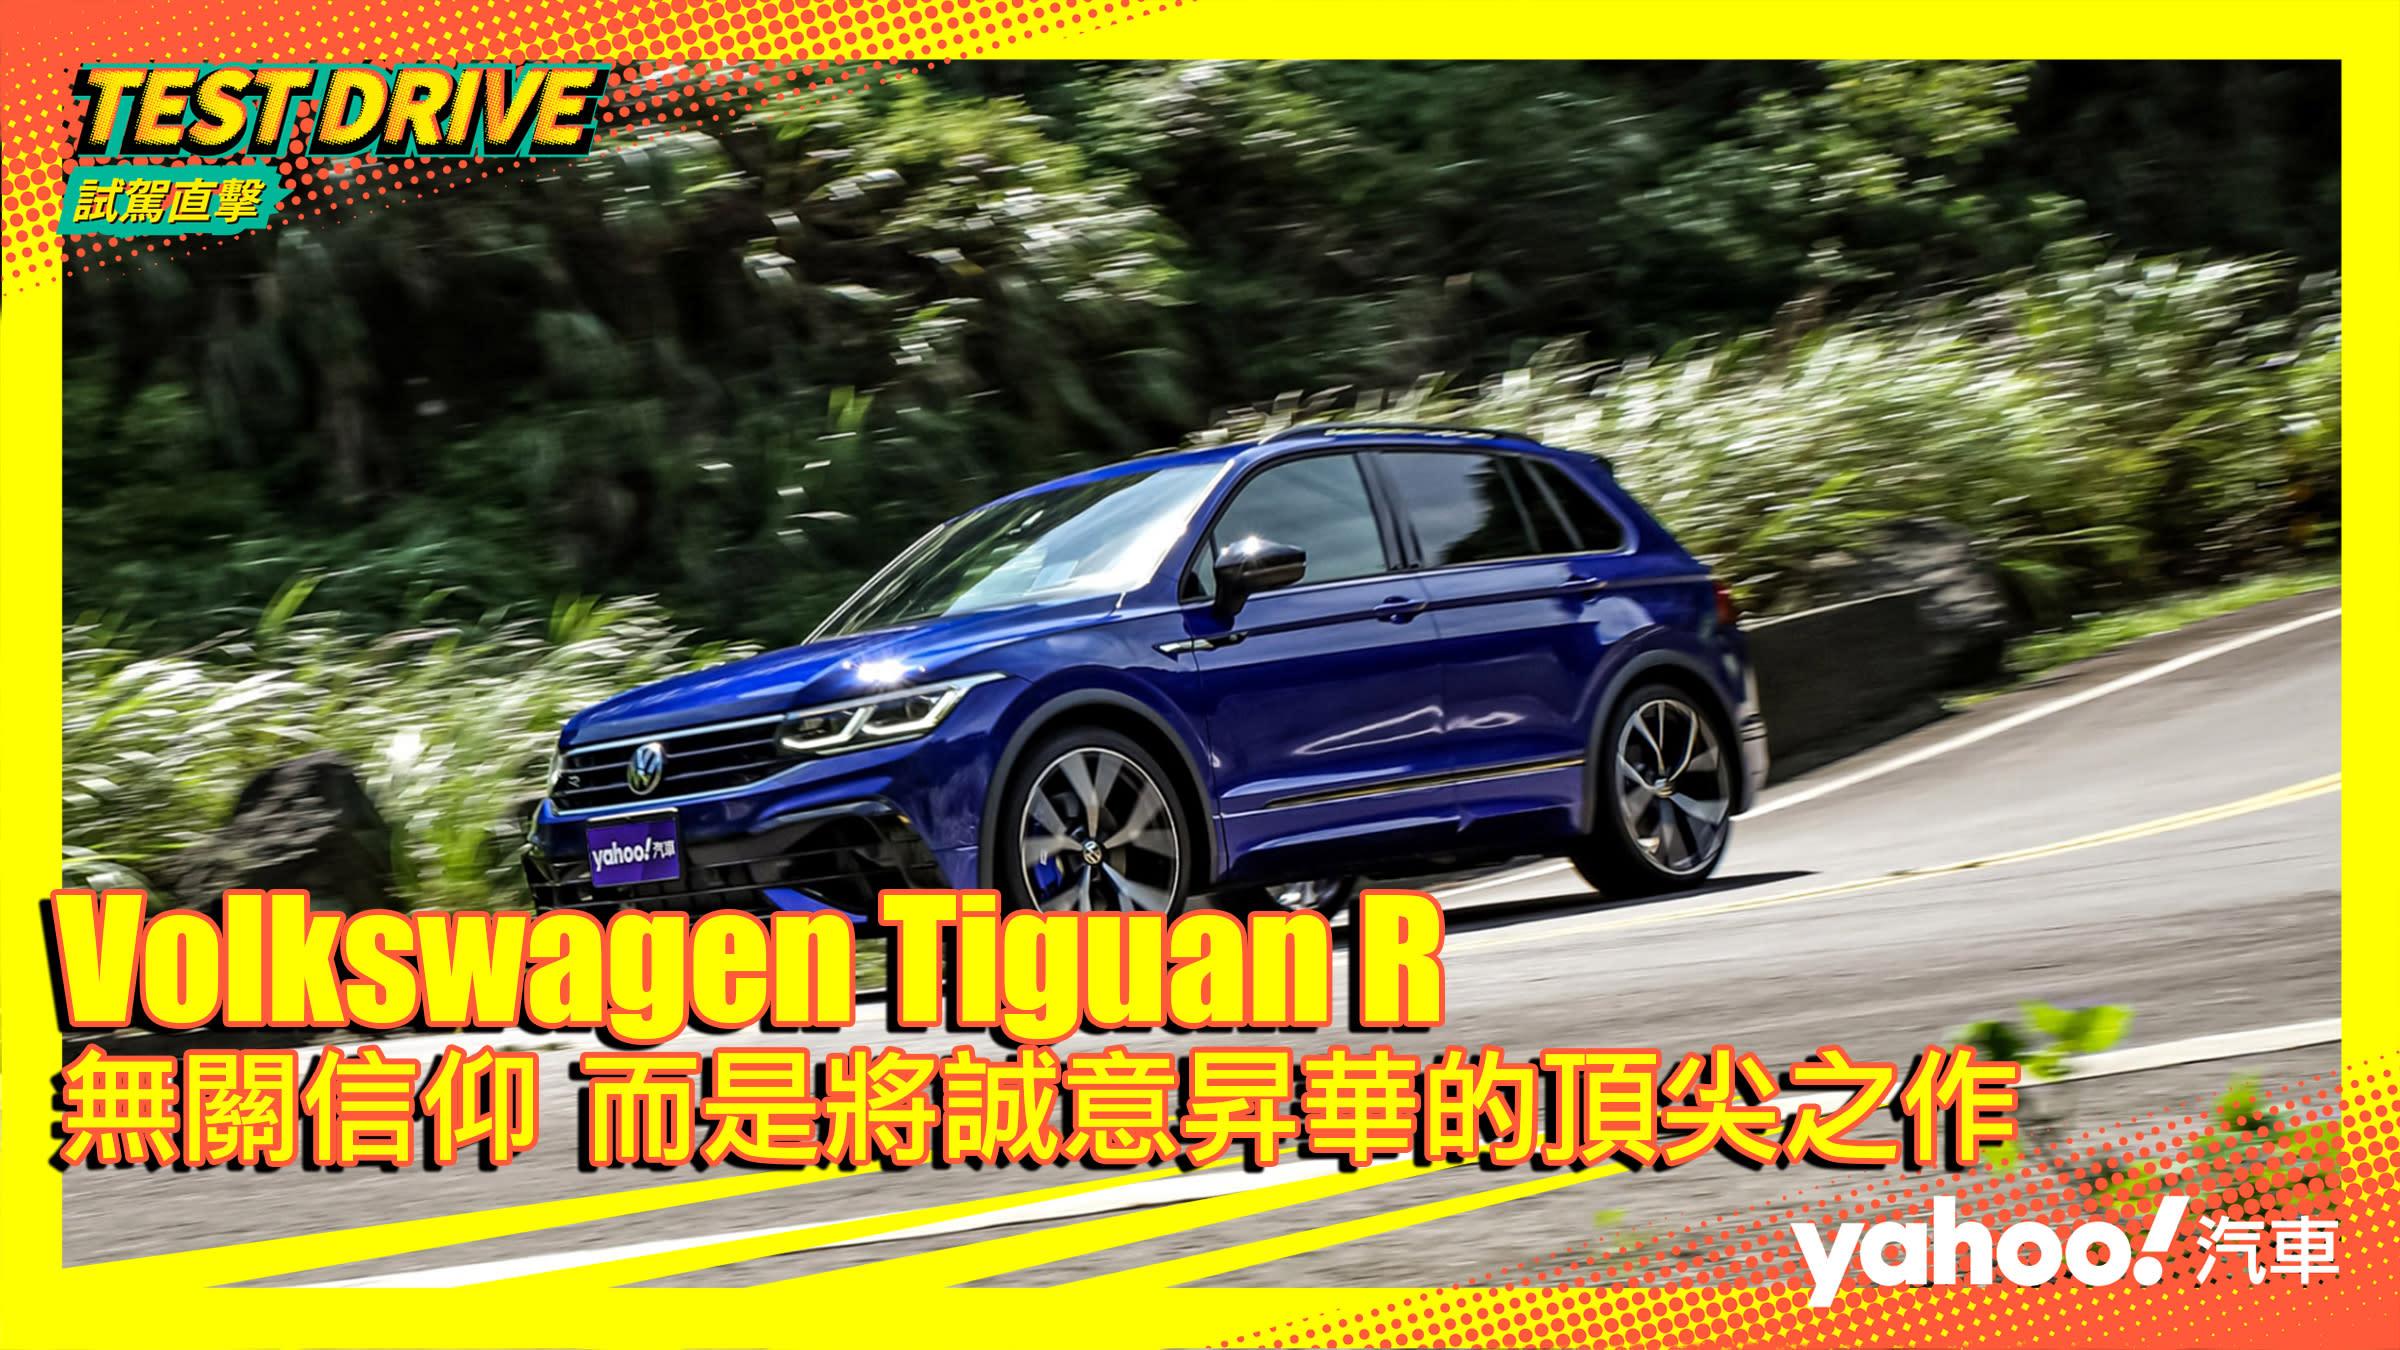 【試駕直擊】2021 Volkswagen Tiguan R 山區試駕!無關信仰,而是將誠意昇華的頂尖之作!